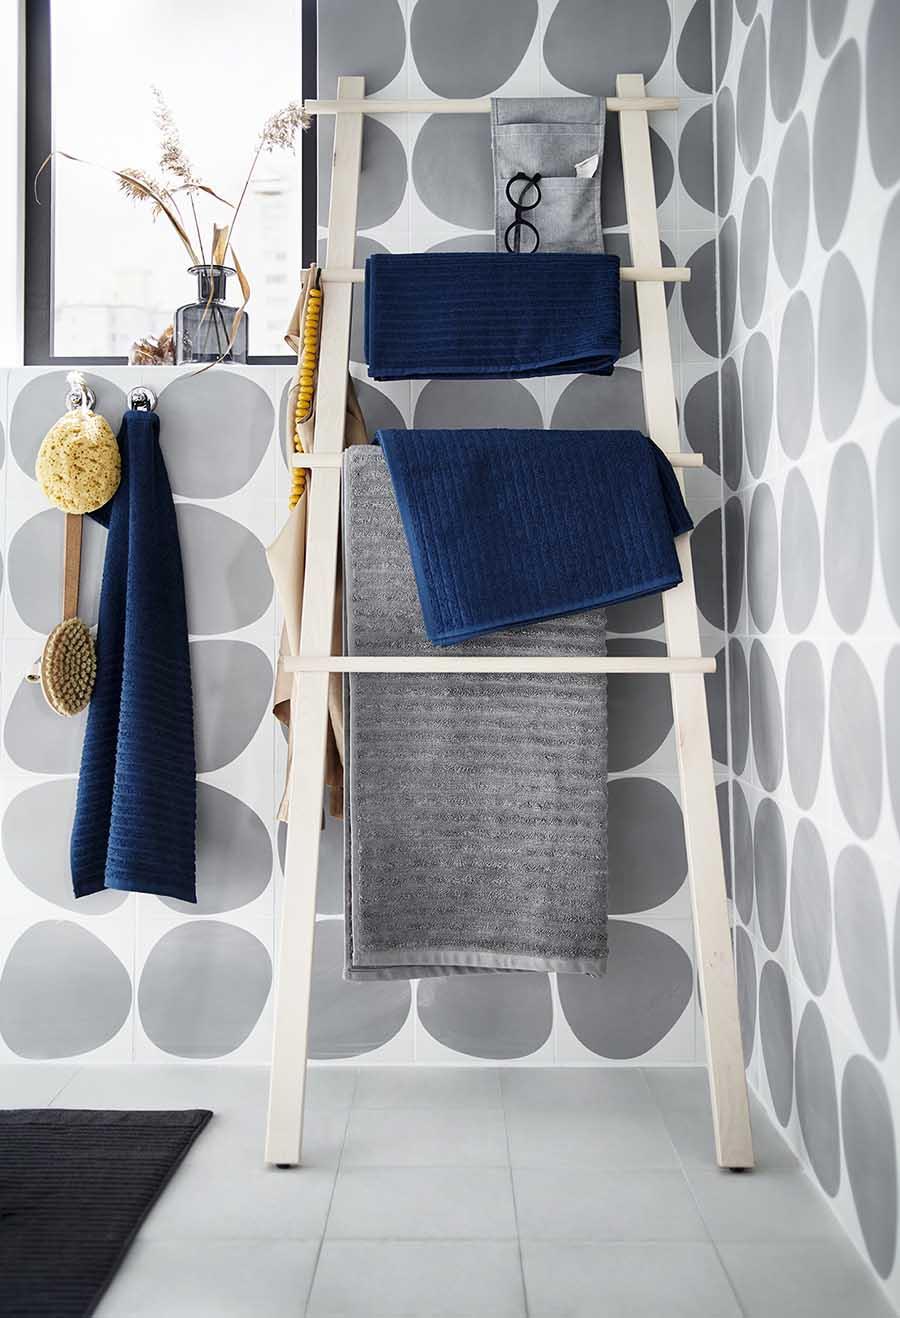 Novedades catálogo Ikea 2020 baño toallero escalera abedul VILTO